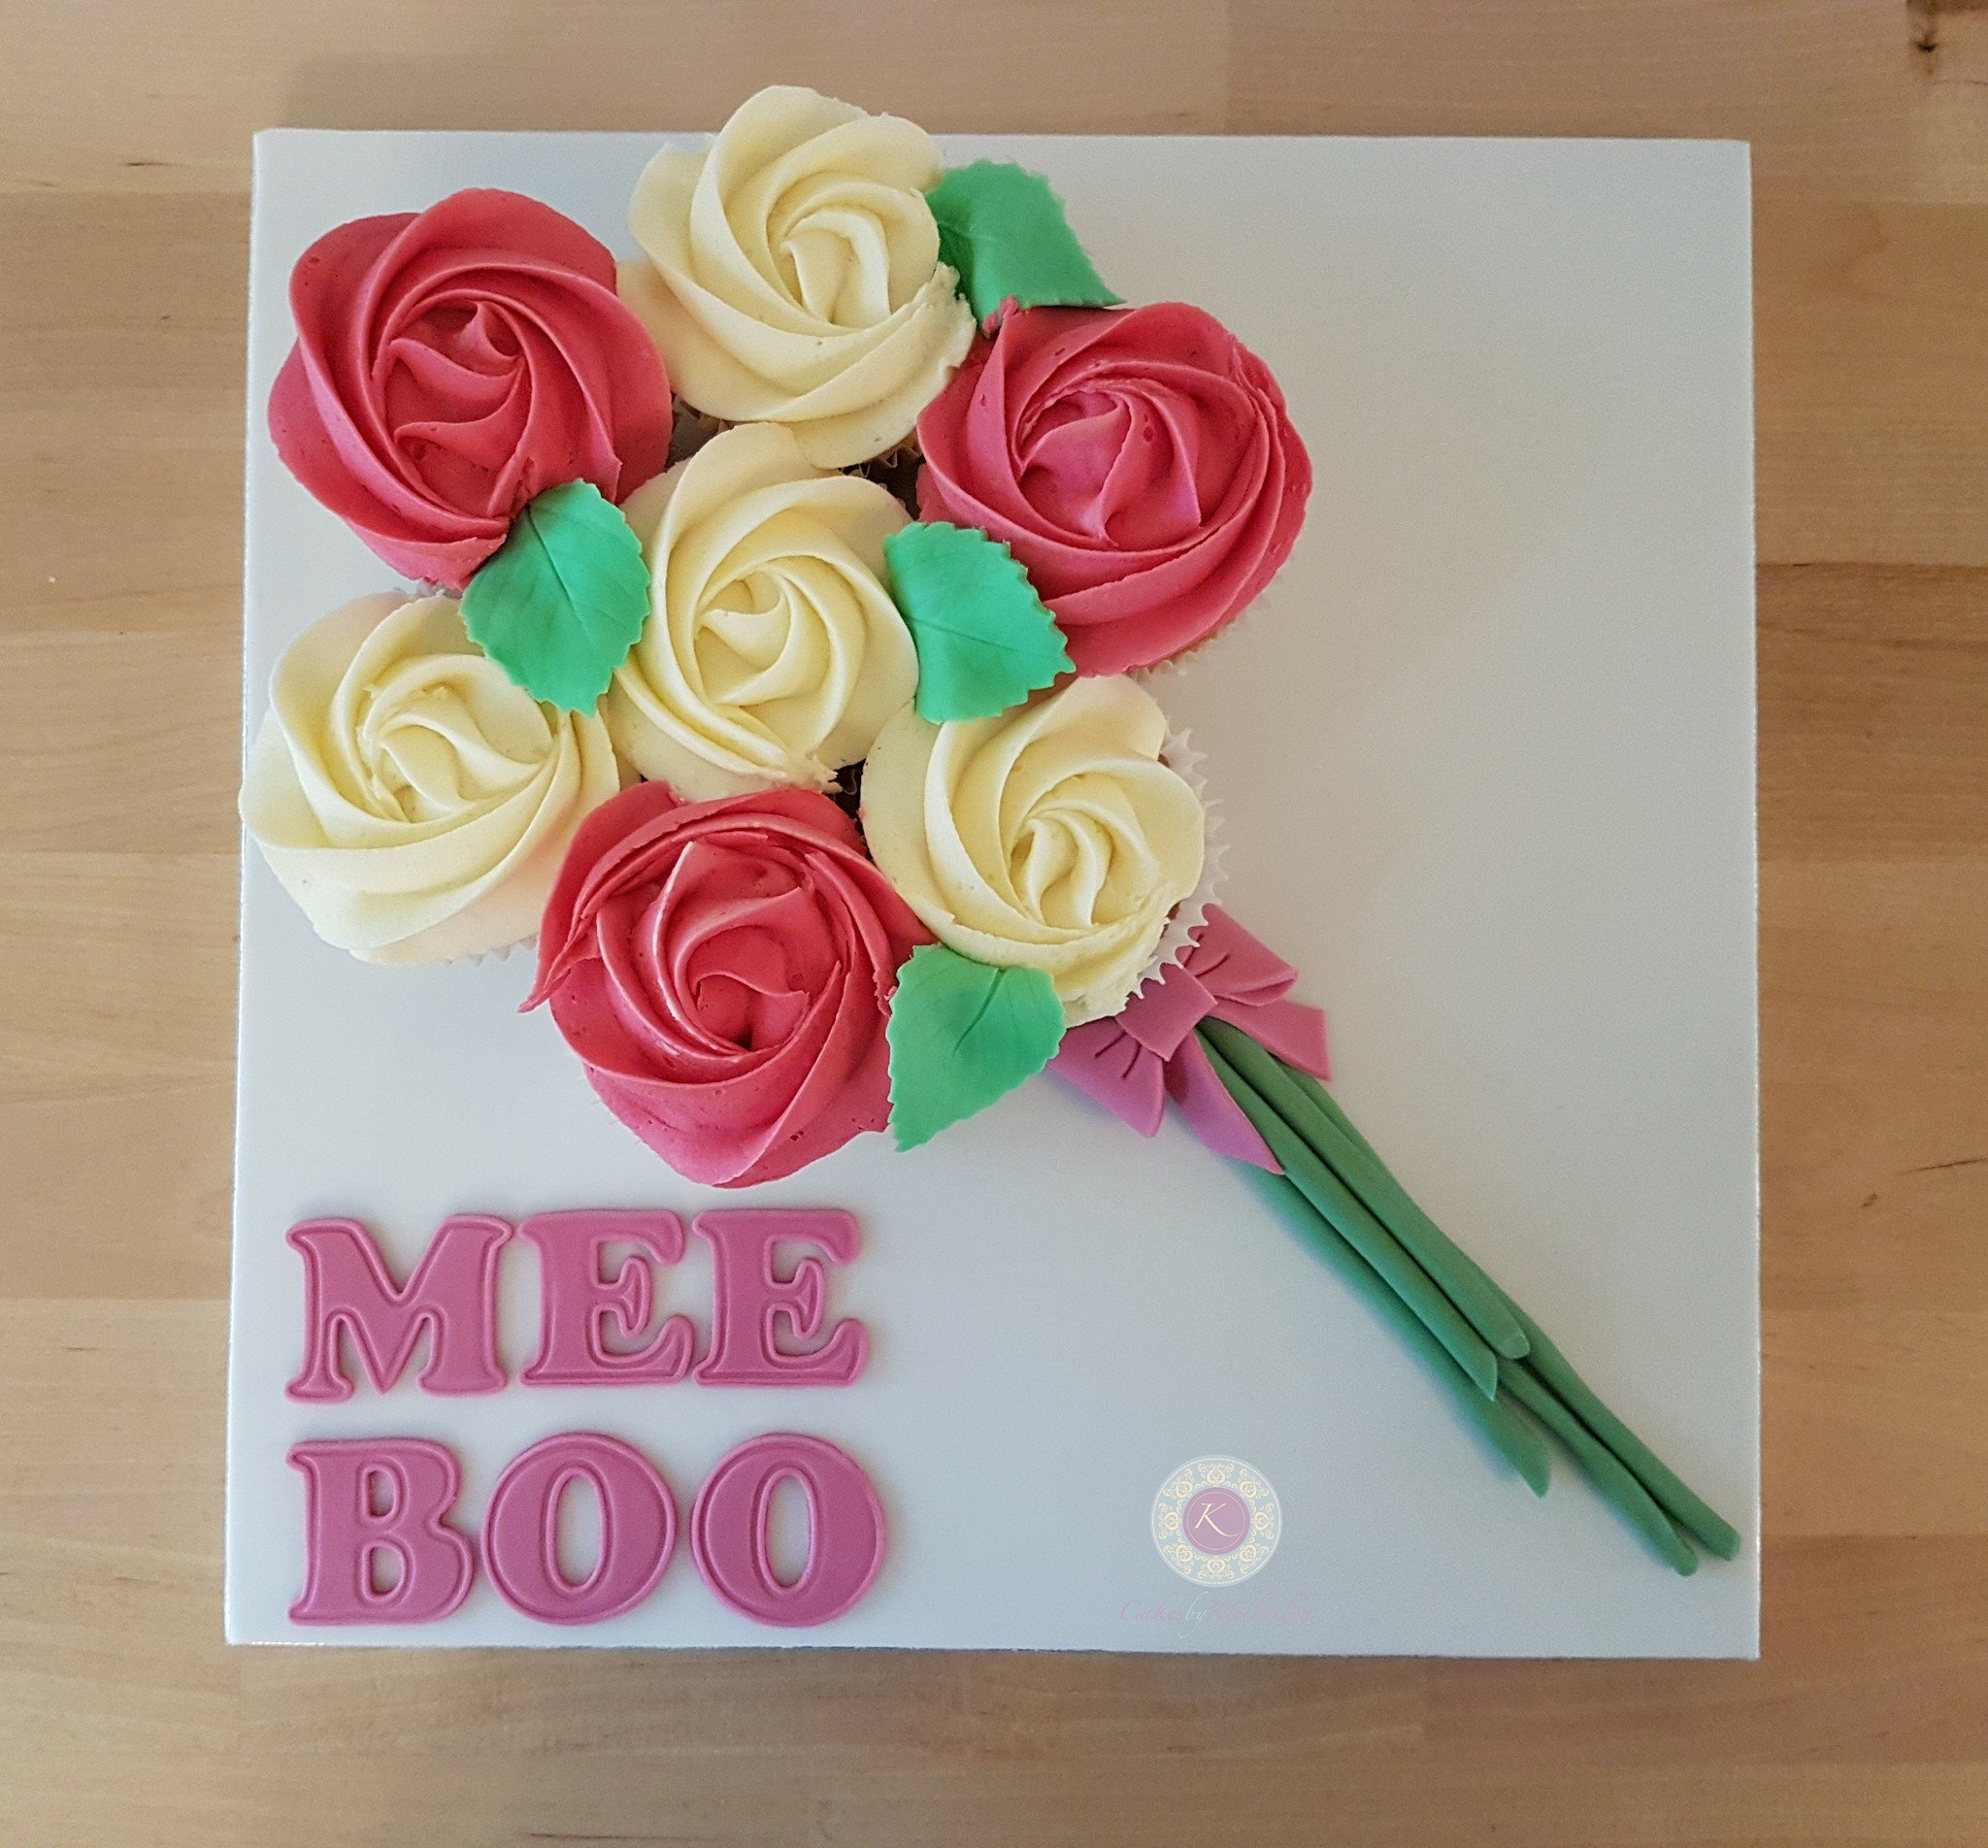 bouquet board mee boo